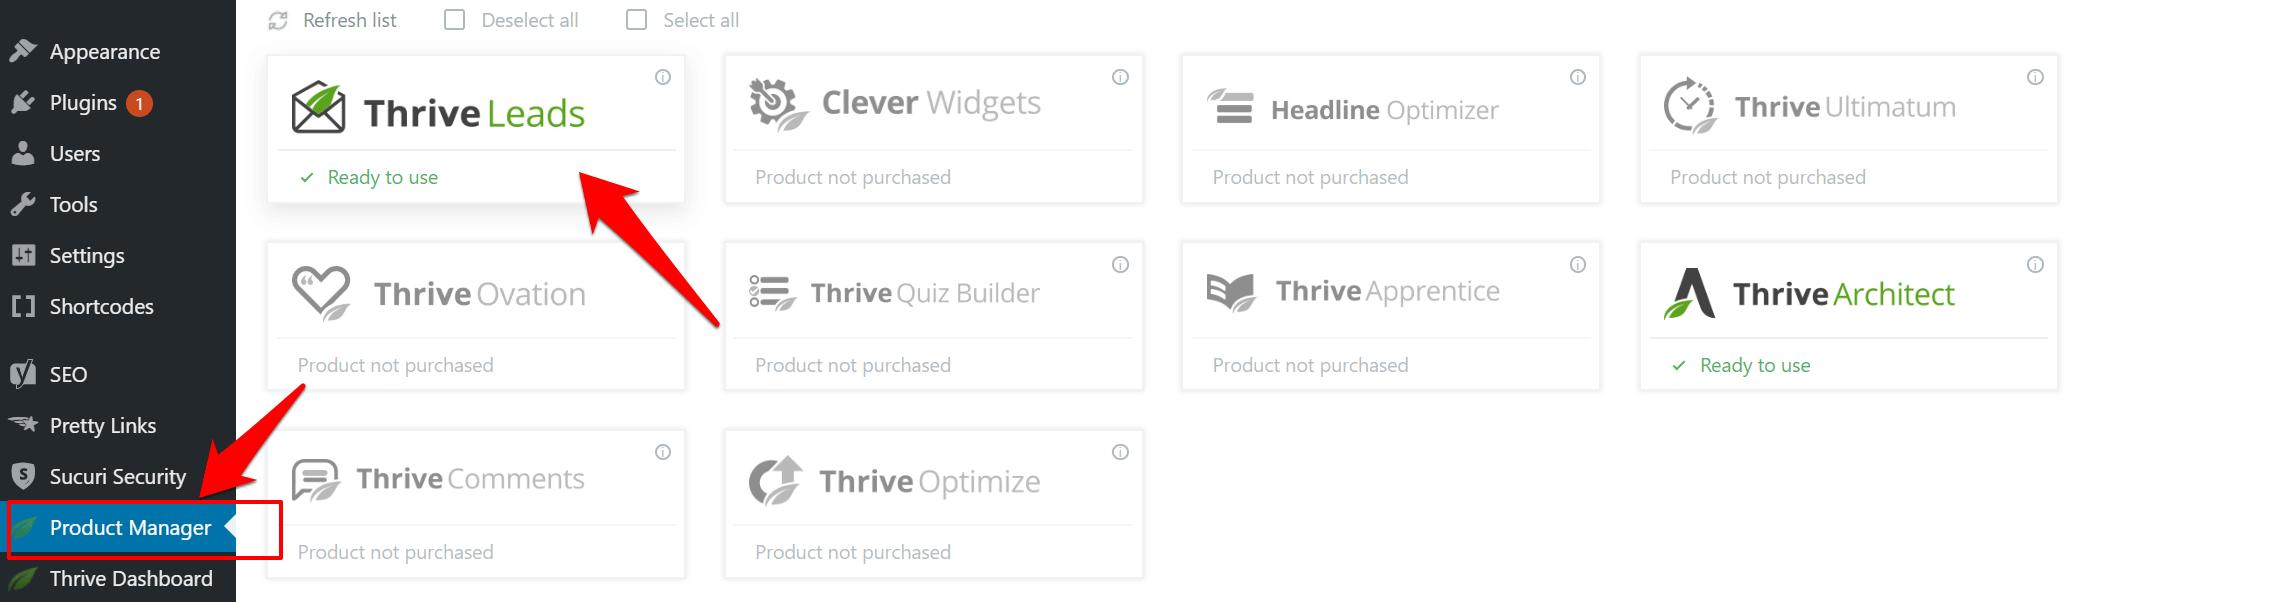 hướng dẫn cài form thrive lead vào website wordpress